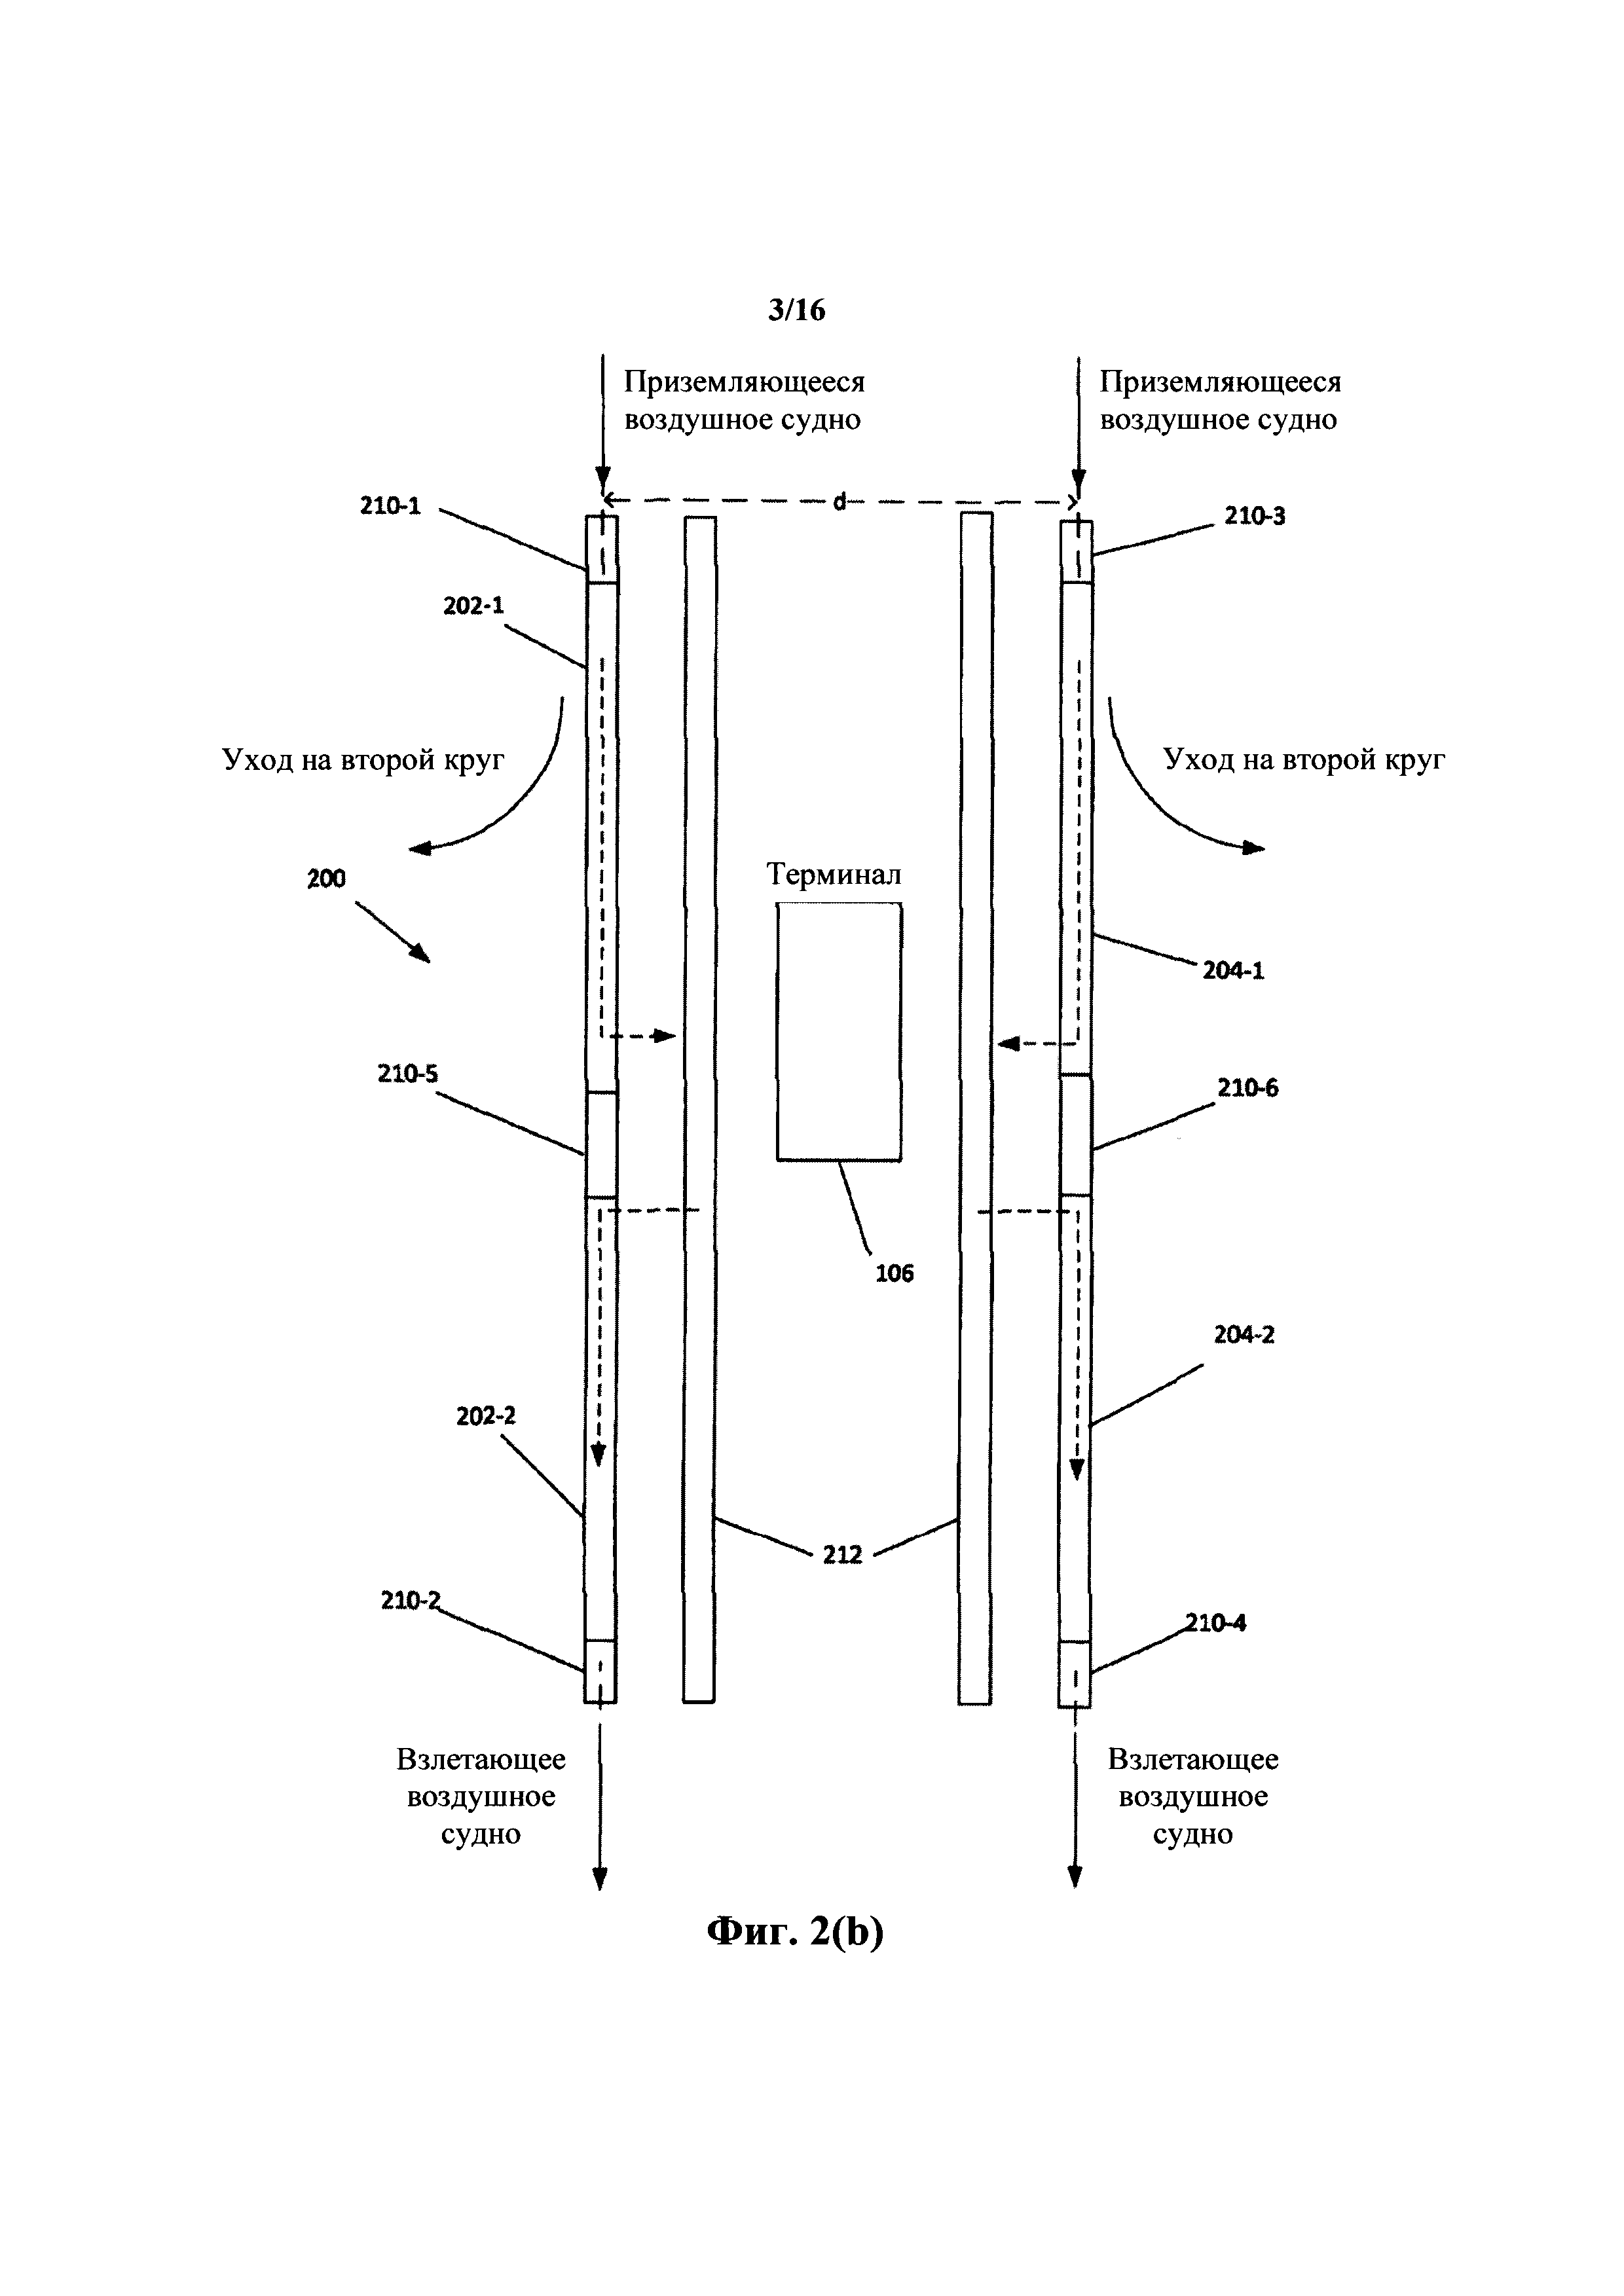 Устройство взлетно-посадочных полос